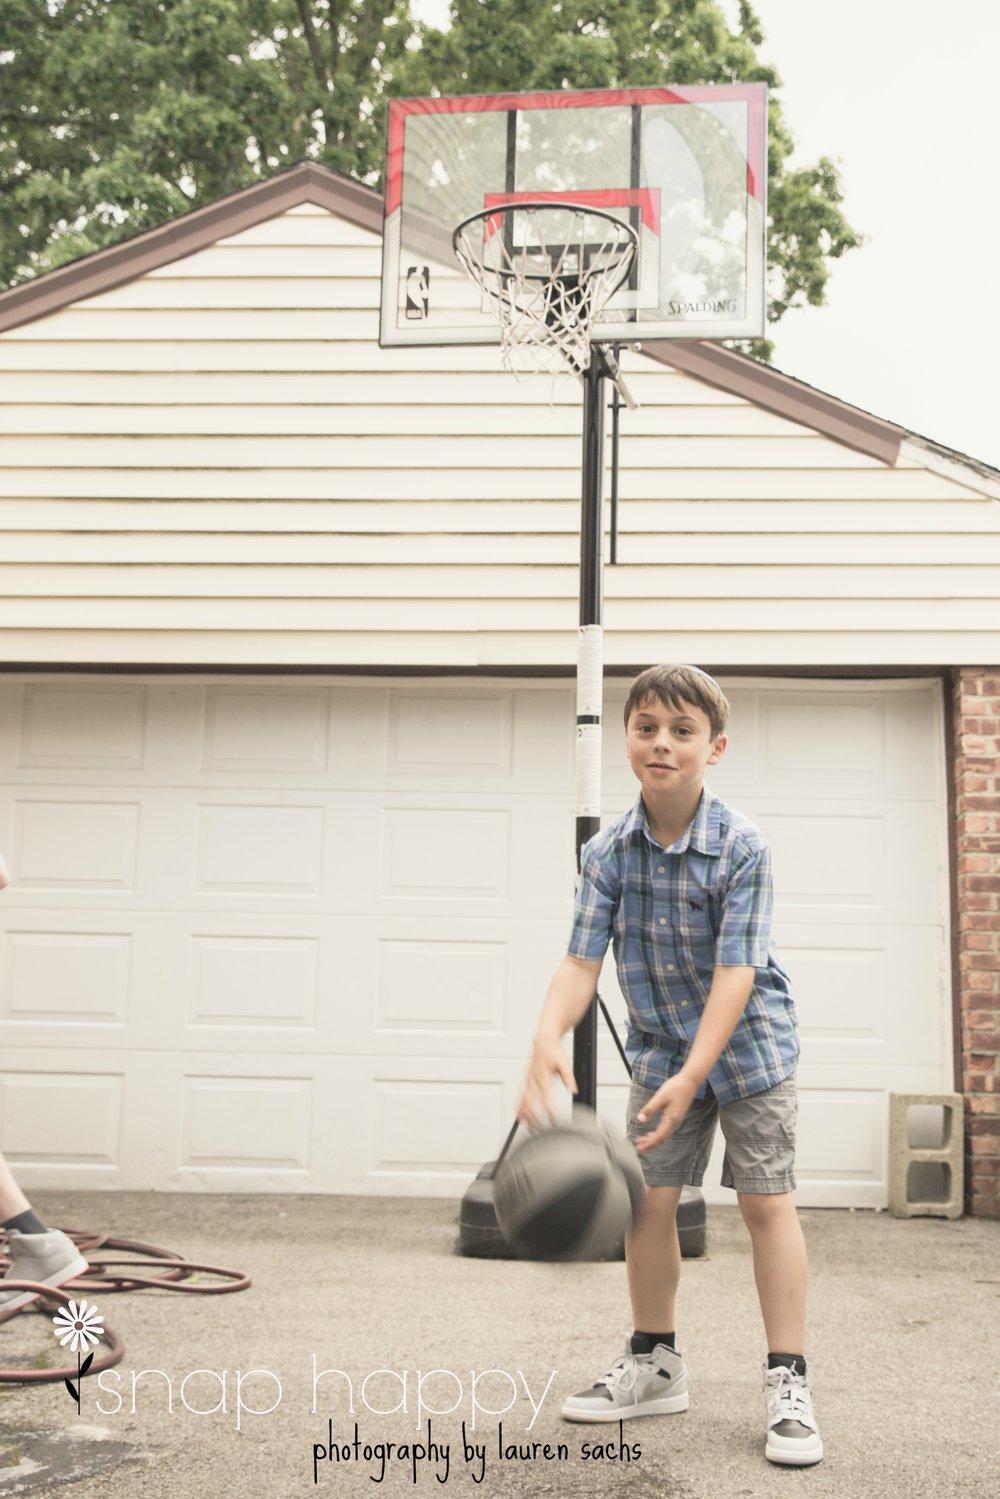 Shootin' hoops. #swoosh -